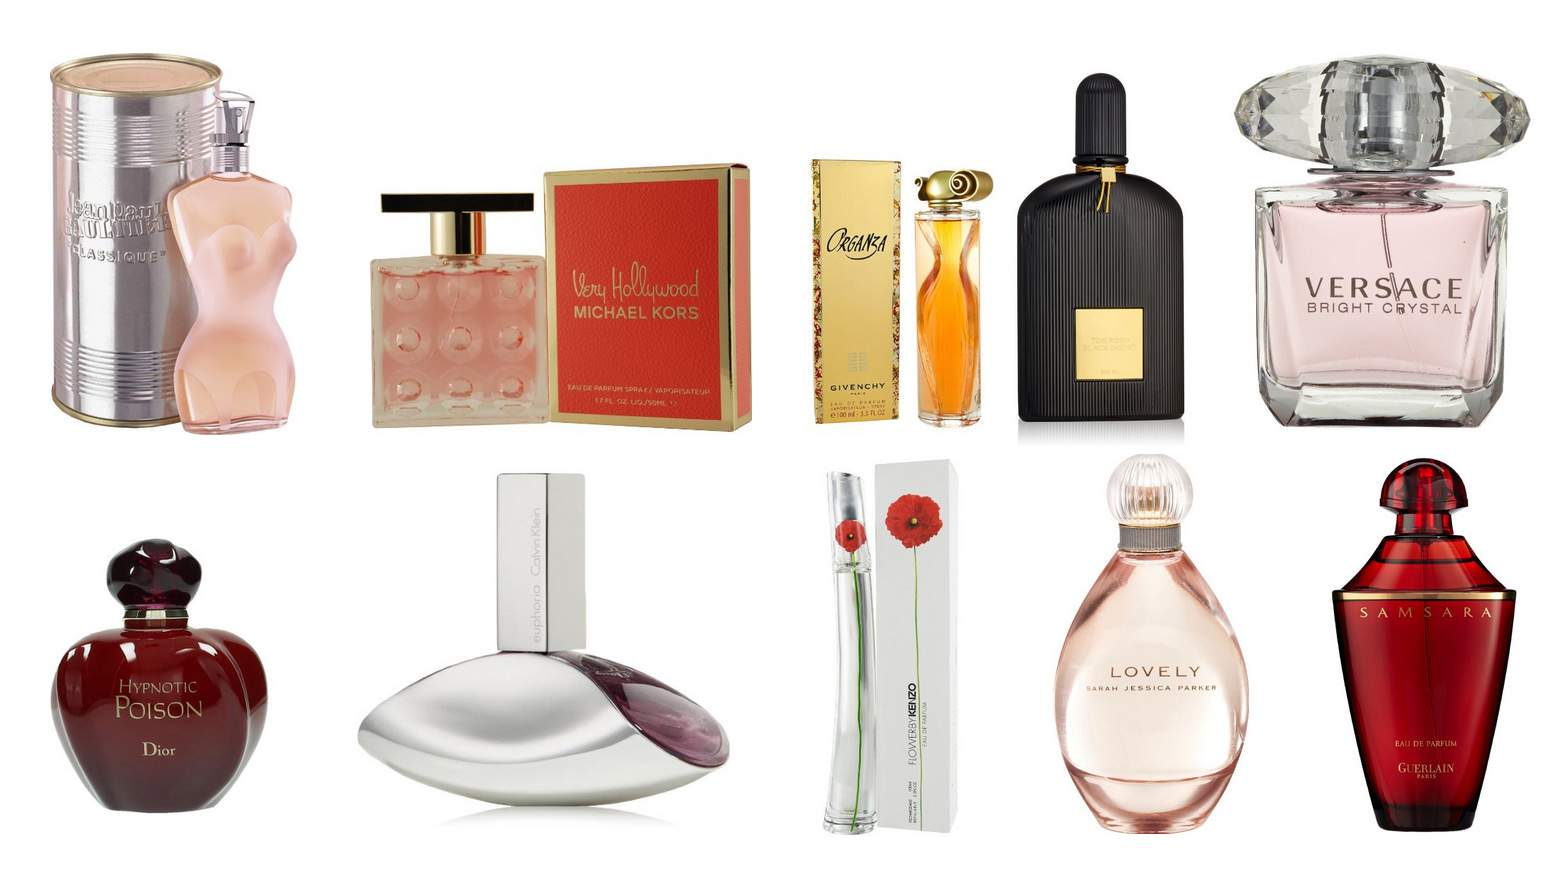 Интересни факти за парфюмите - част 1